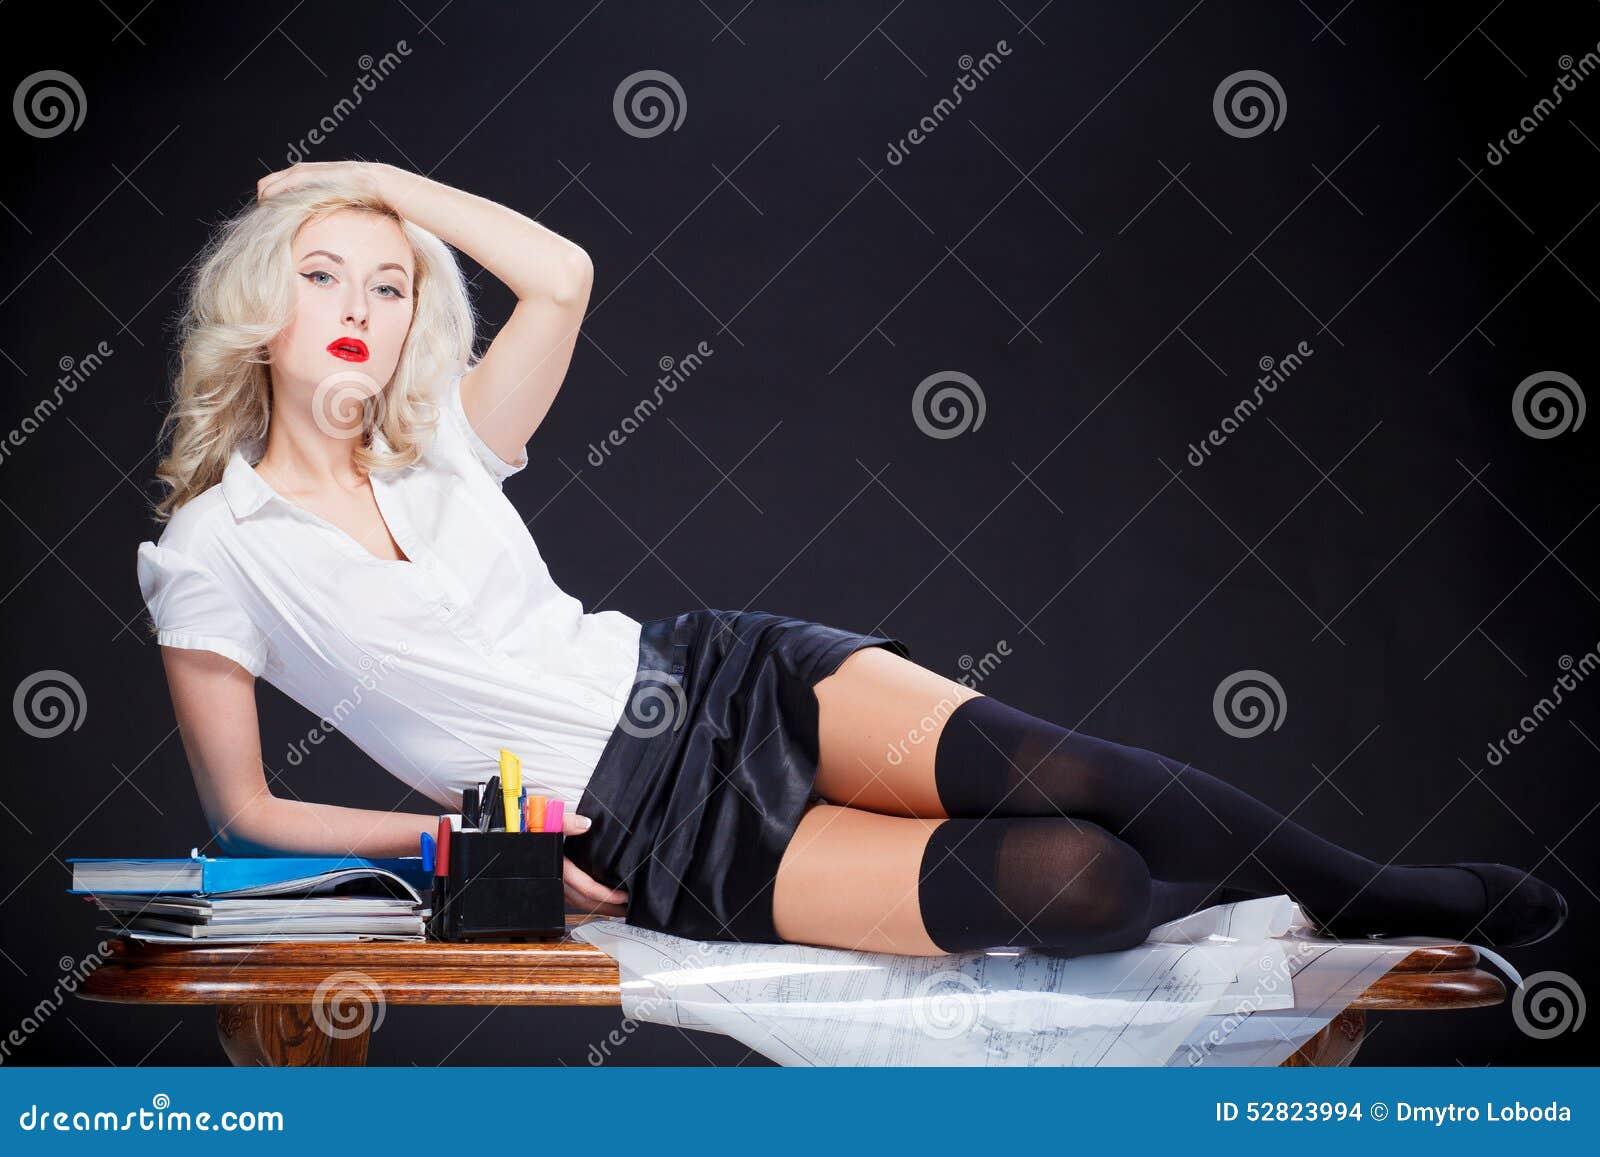 Девушка модель работы с таблицами работа в лаишево